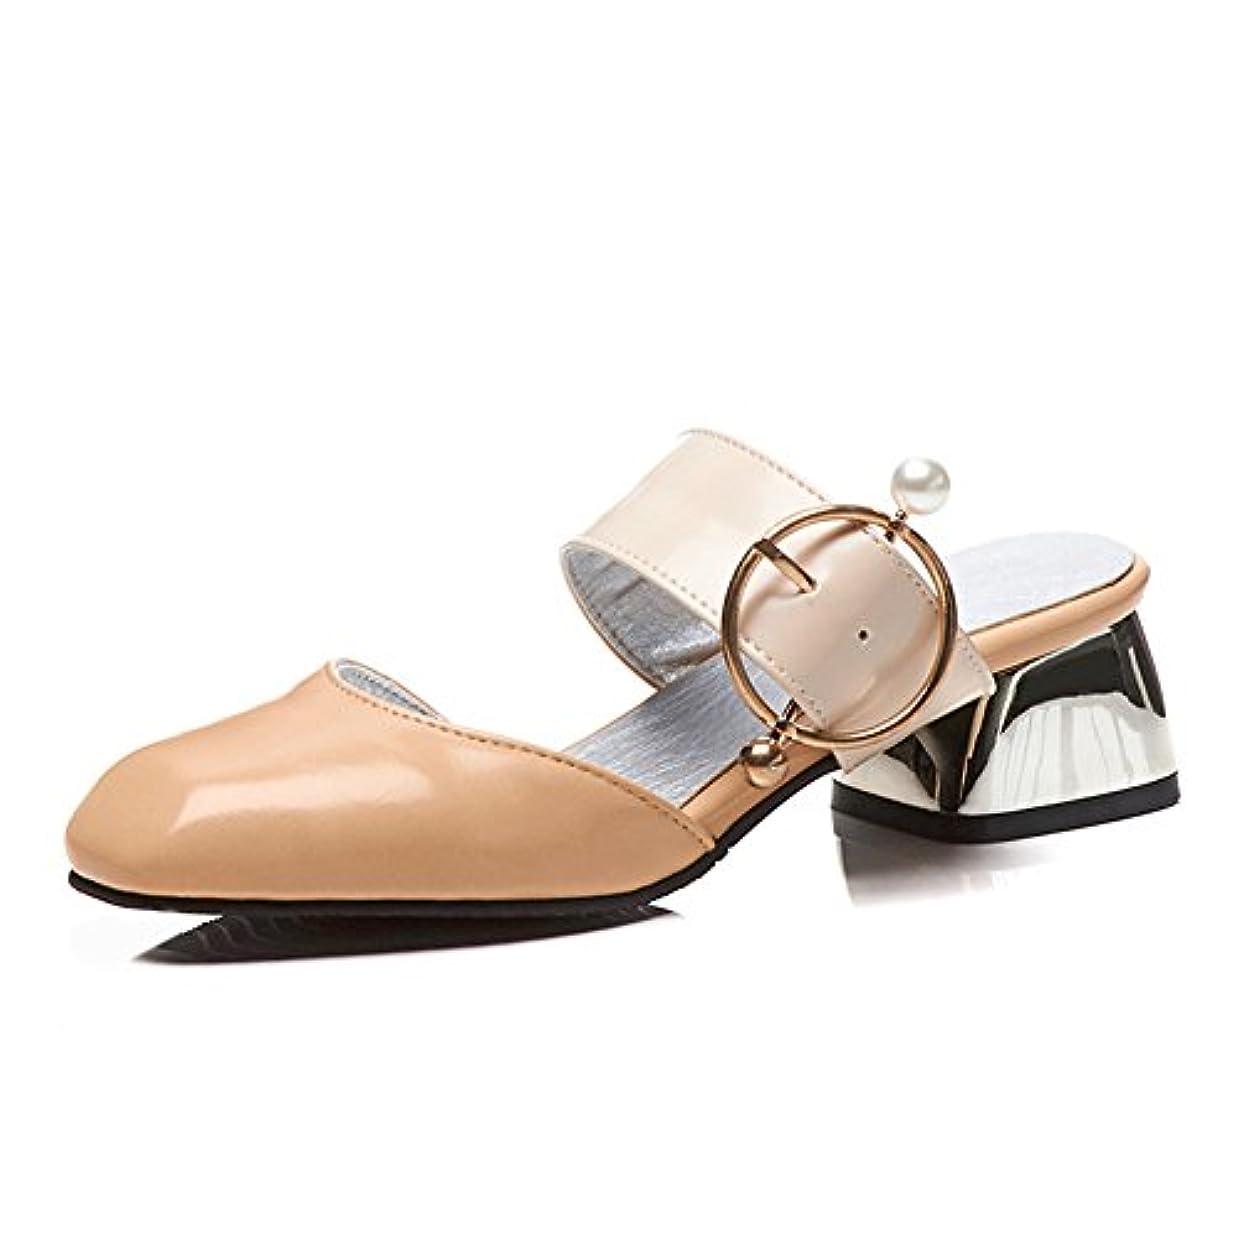 不毛の盗難協定[Exing] 女性の靴夏のファッションコンフォートサンダルチュニックヒールアウターウェアと宝塔サンダル